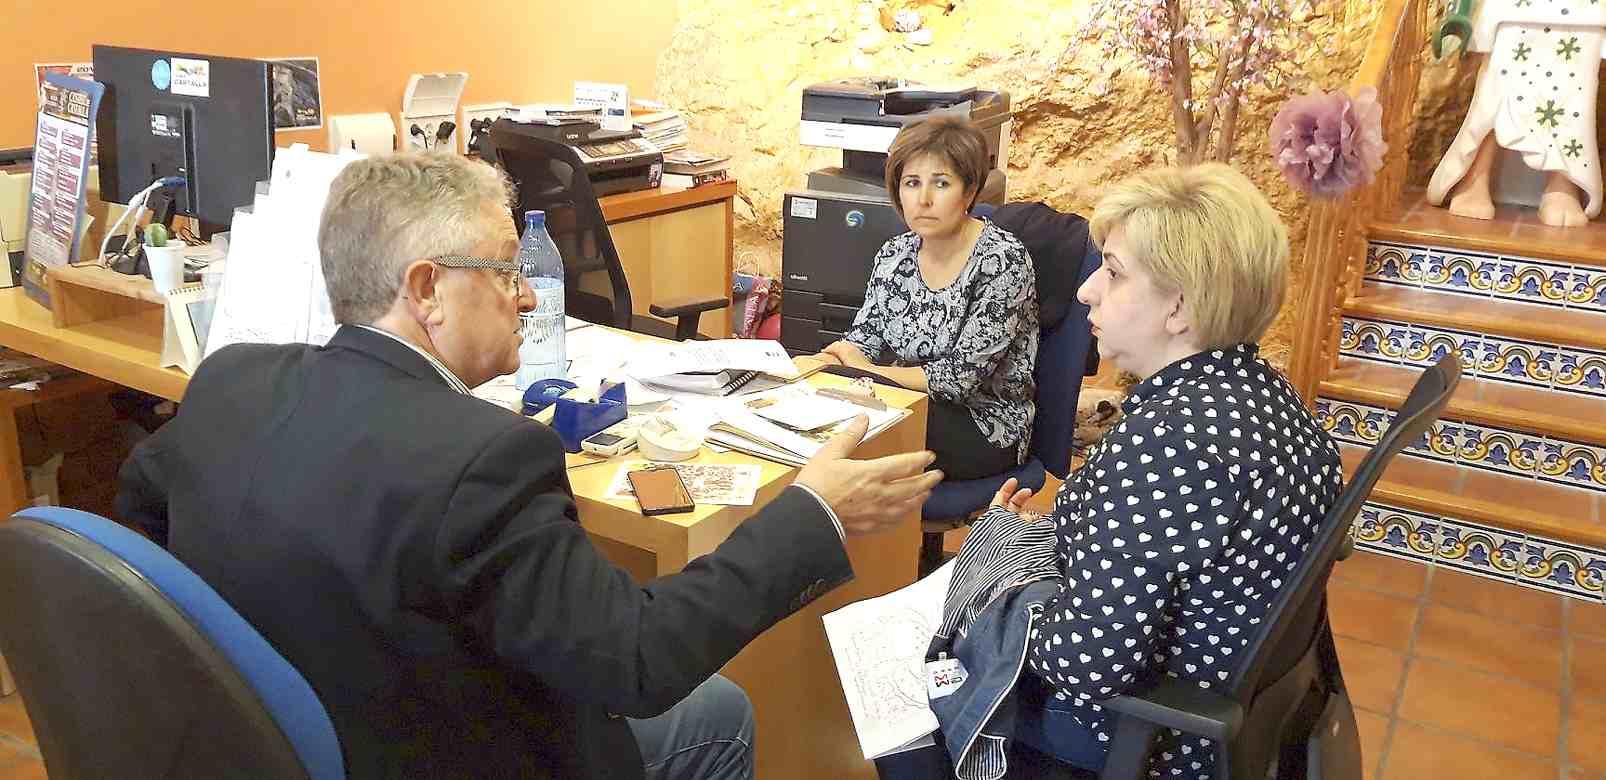 Castalla acollirà l'any que ve el vinté Congrés Nacional de Patchwork